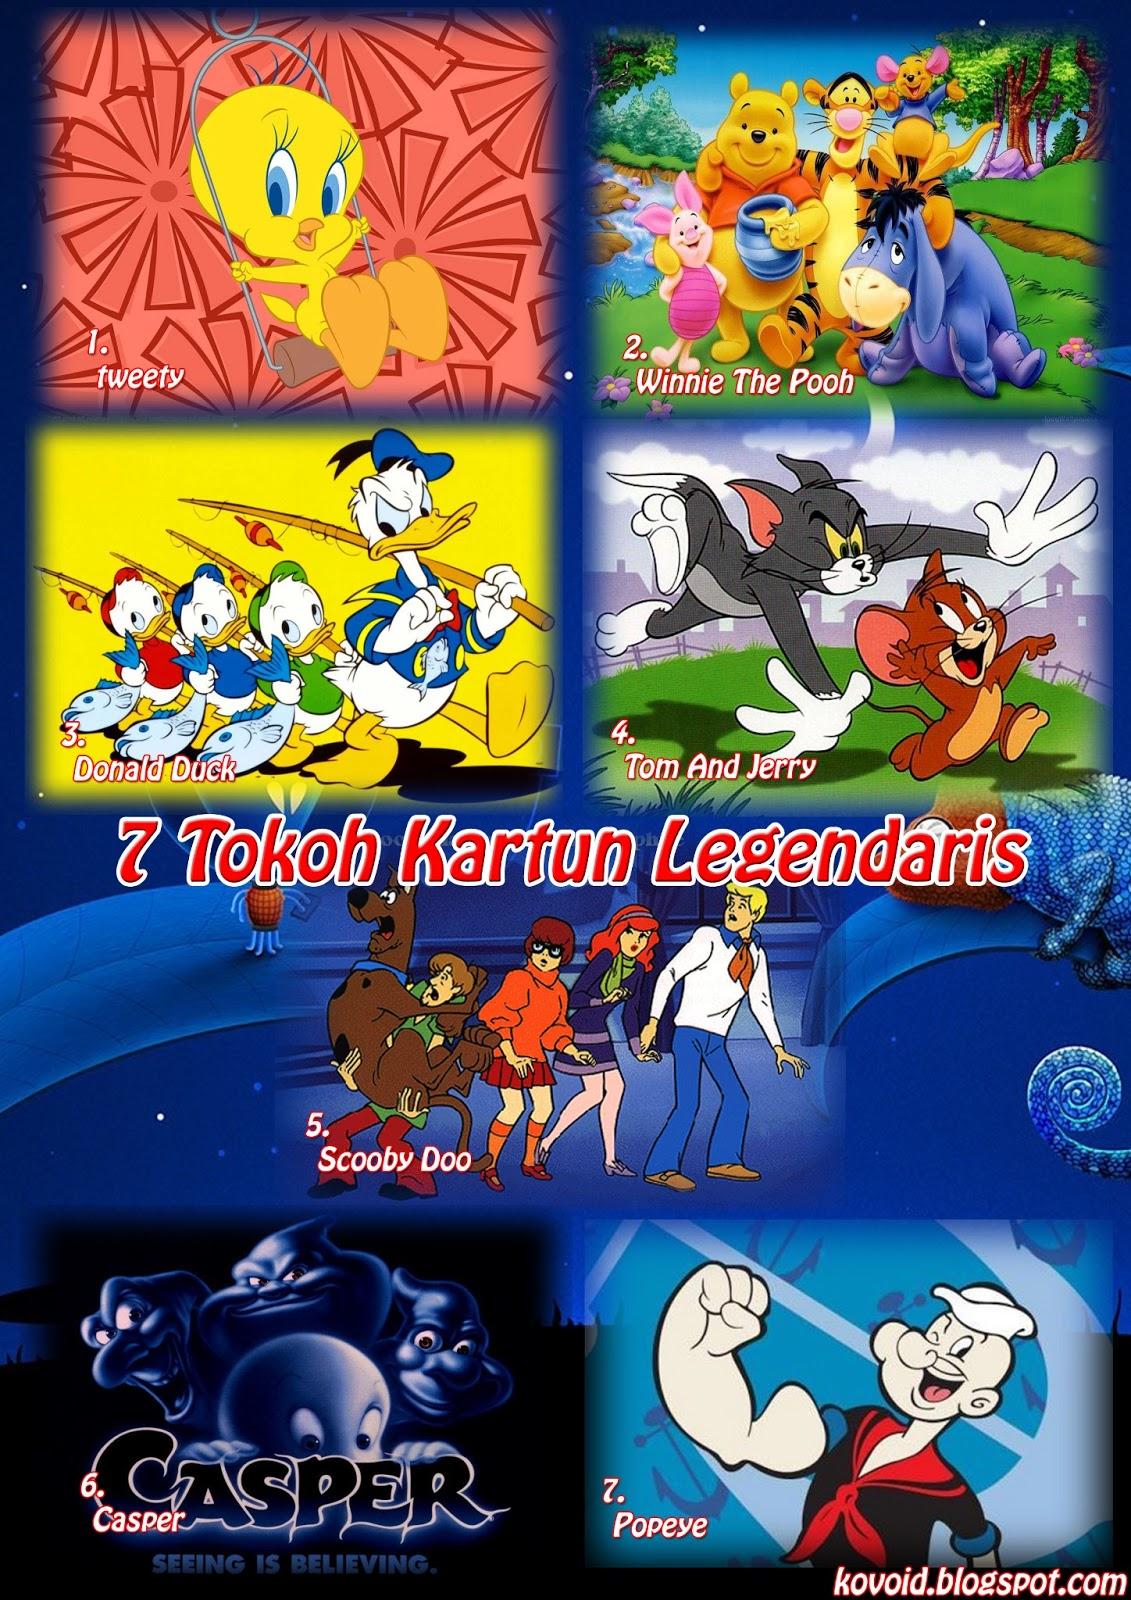 Tokoh Kartun Legendaris | Kovoid